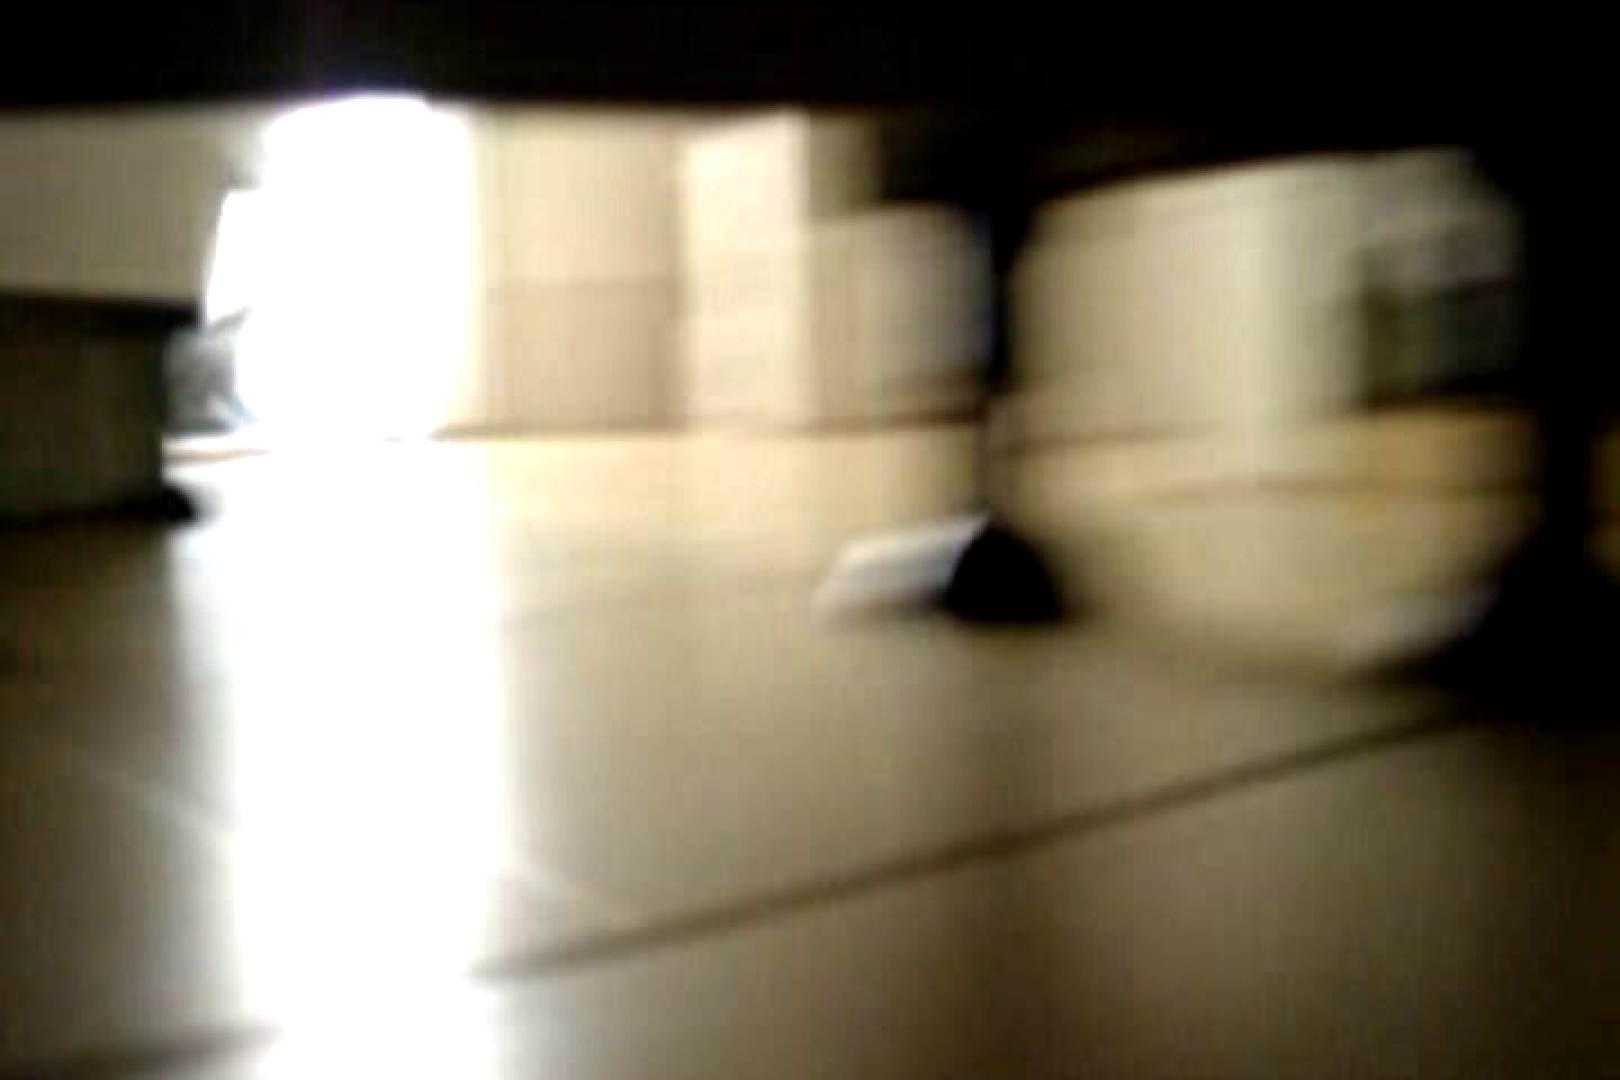 ぼっとん洗面所スペシャルVol.5 OLエロ画像  88PICs 63